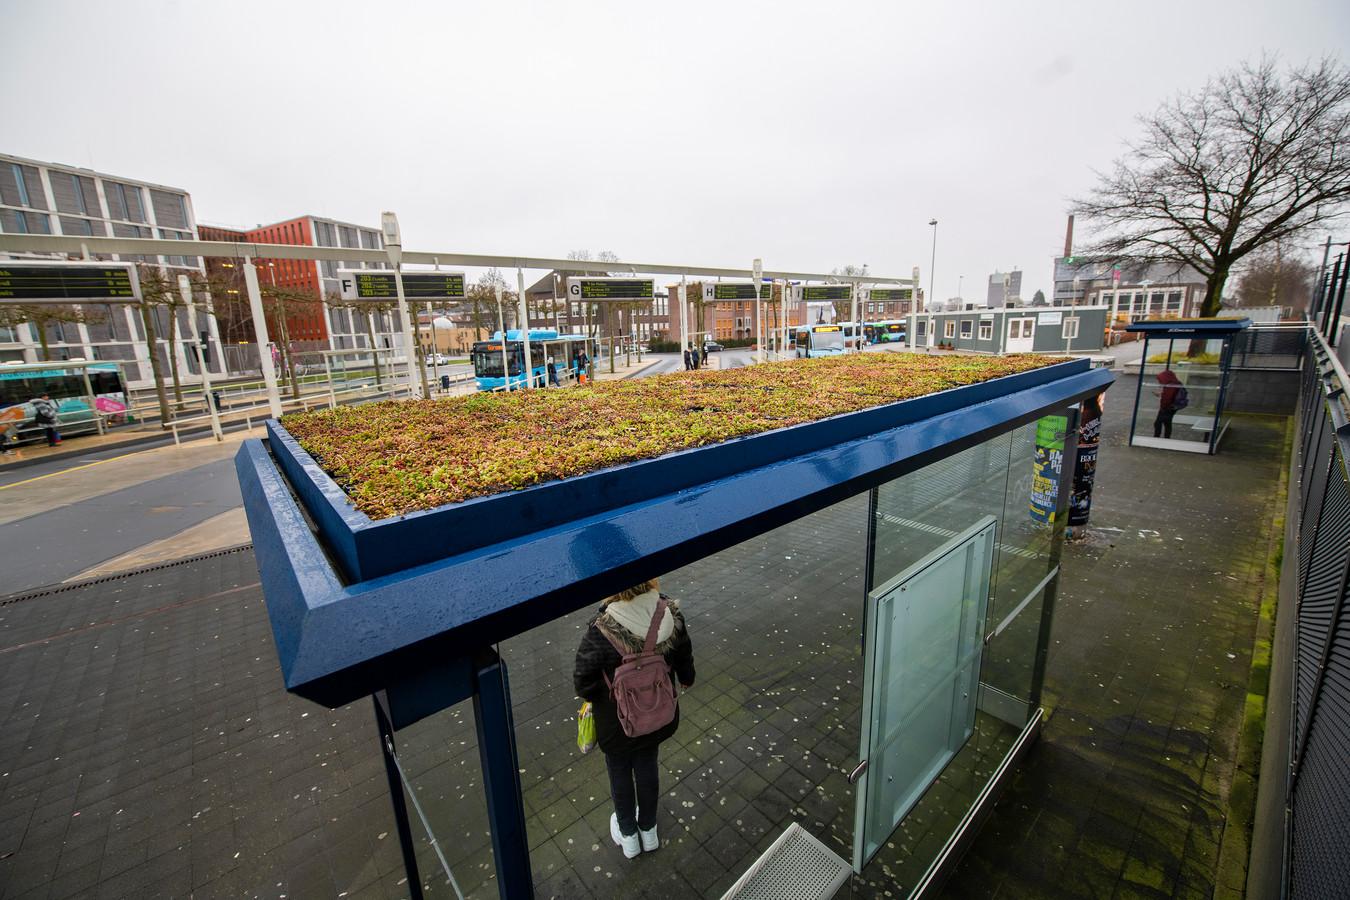 De twee eerste - en voorlopig enige - groene bushokjes van Apeldoorn  staan aan de rand van het busstation.